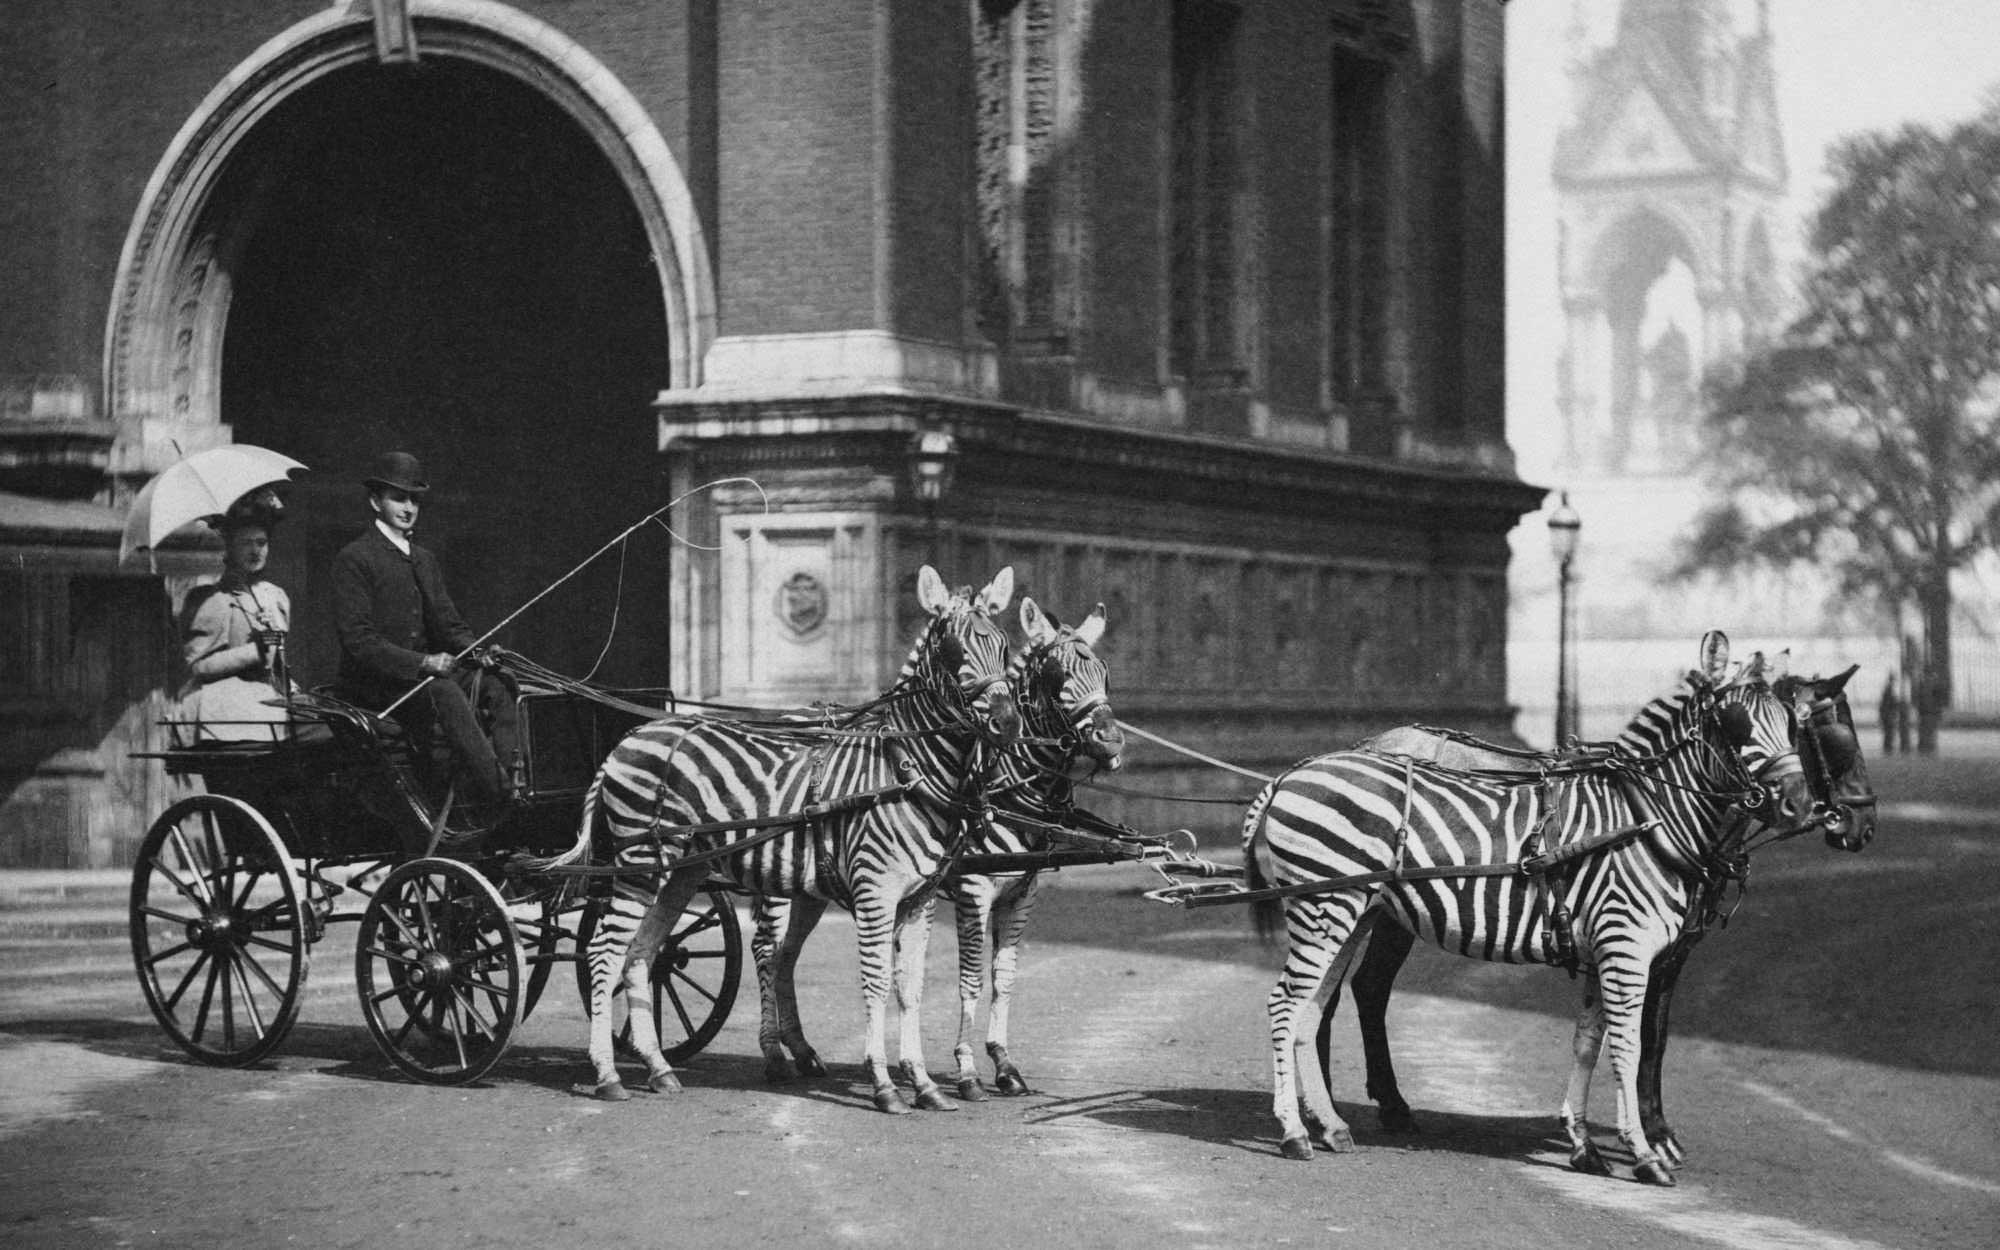 retronaut-content-zebra-carriage.jpg